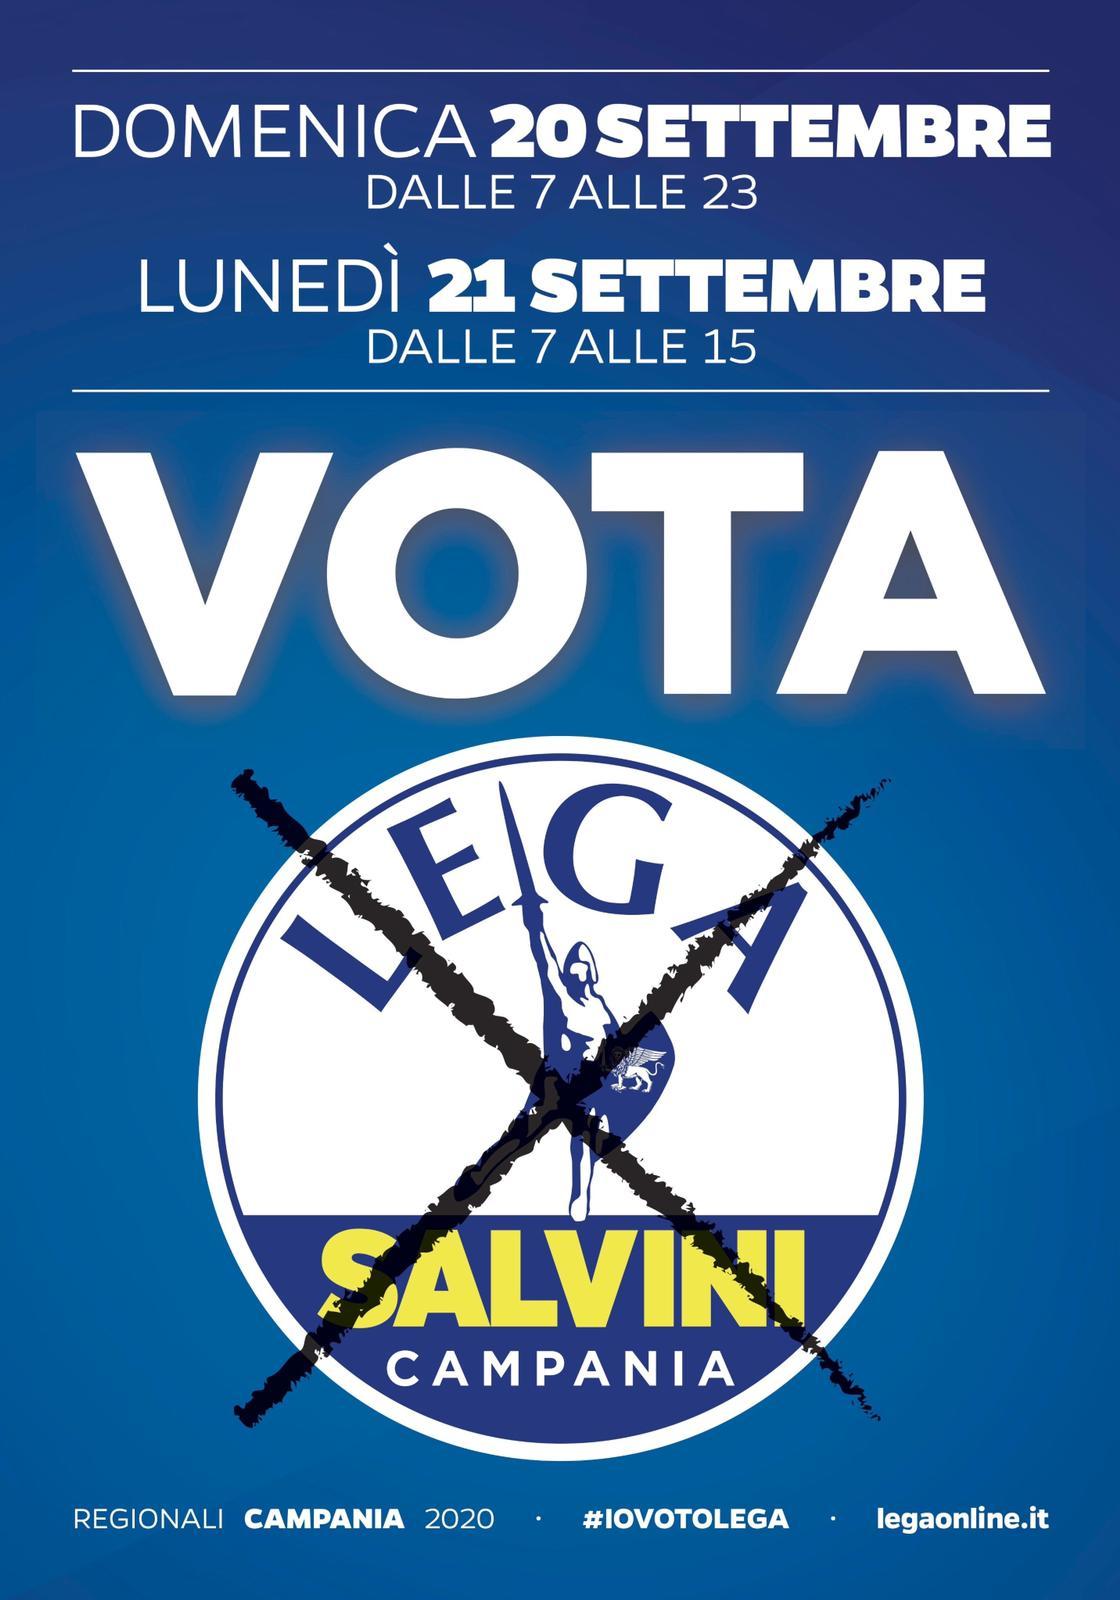 Domenica 20 settembre dalle 7 alle 23 e lunedì 21 settembre dalle 7 alle 15 VOTA LEGA! #IOVOTOLEGA